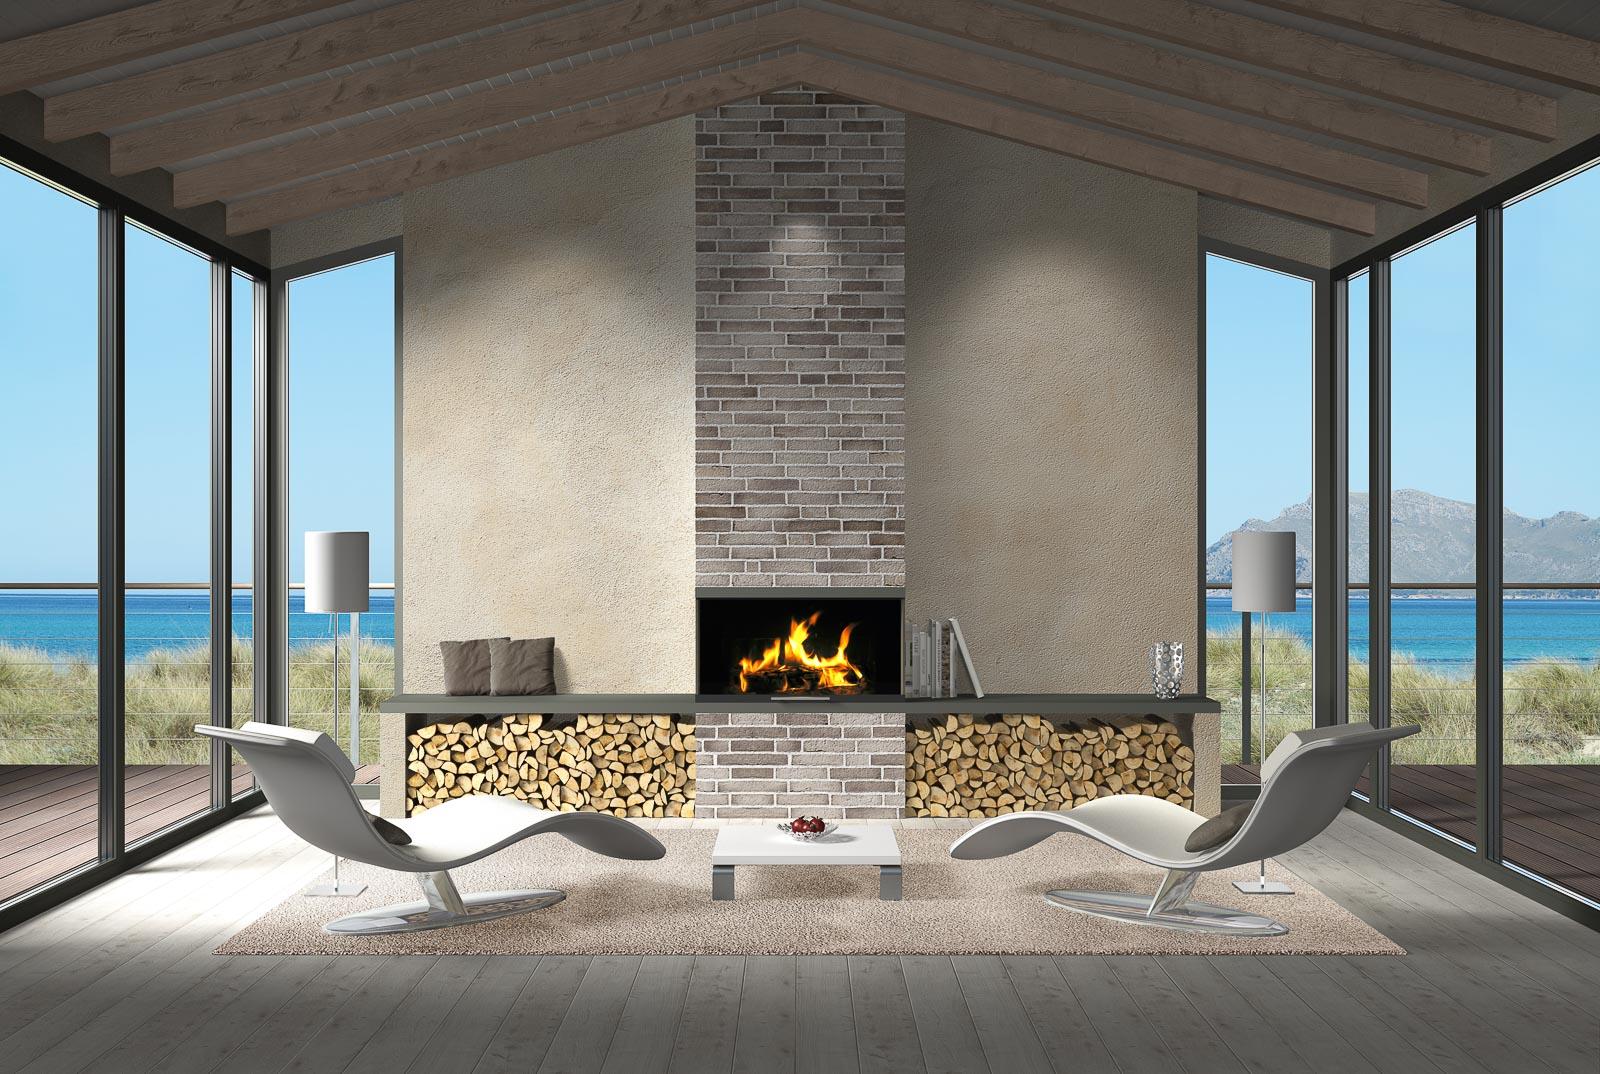 Modernes Wohnzimmer mit offenem Kamin